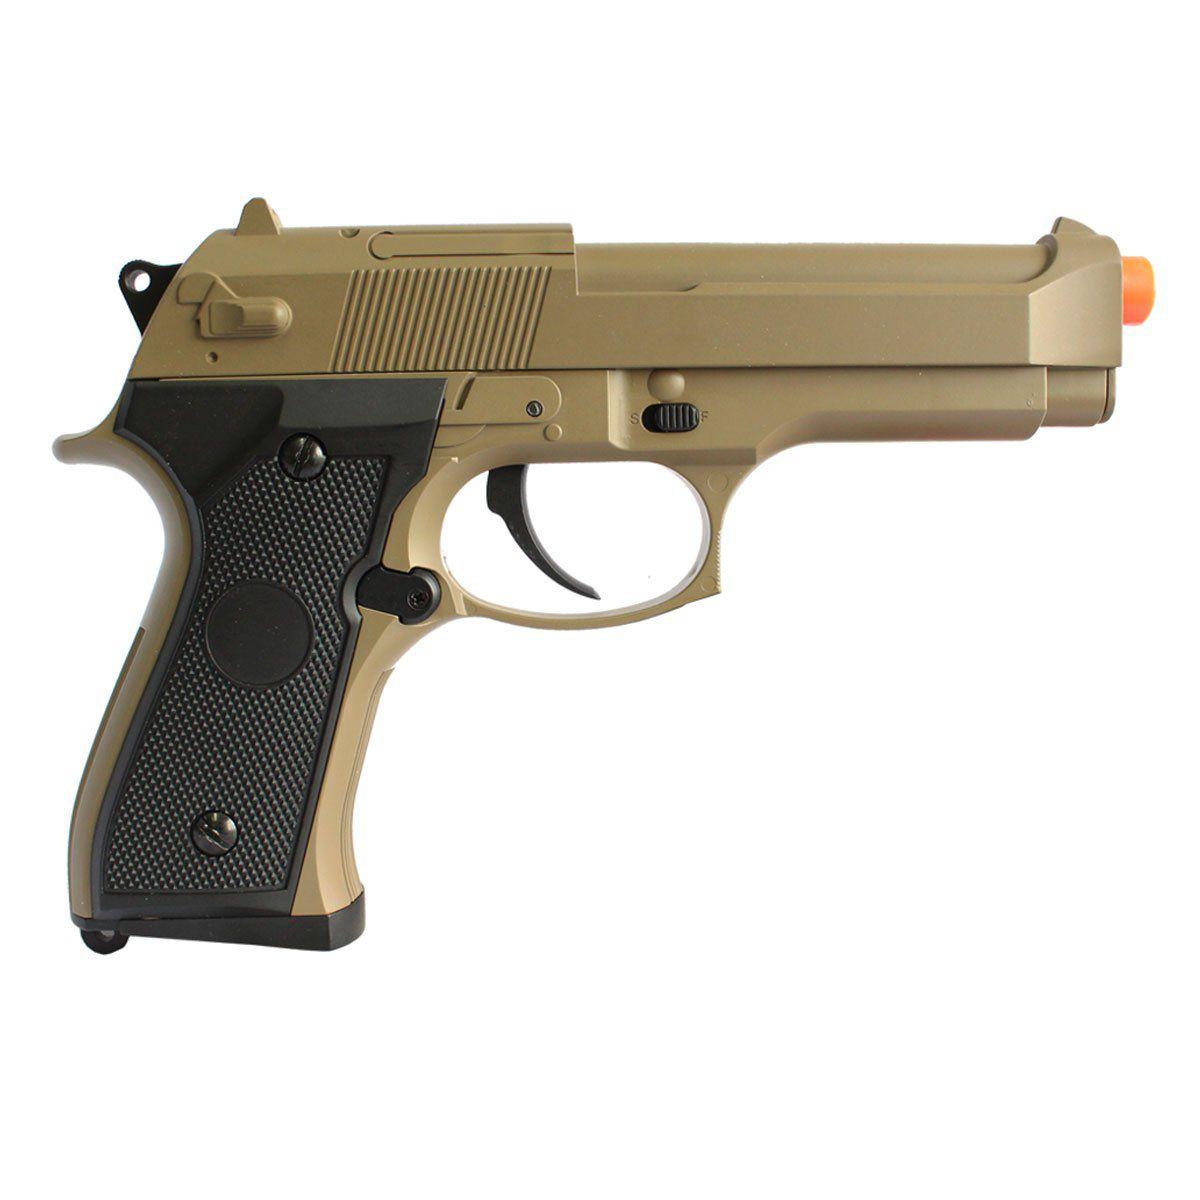 Pistola Airsoft CYMA Beretta M92F Tan Slide Metal Elétrica Bivolt